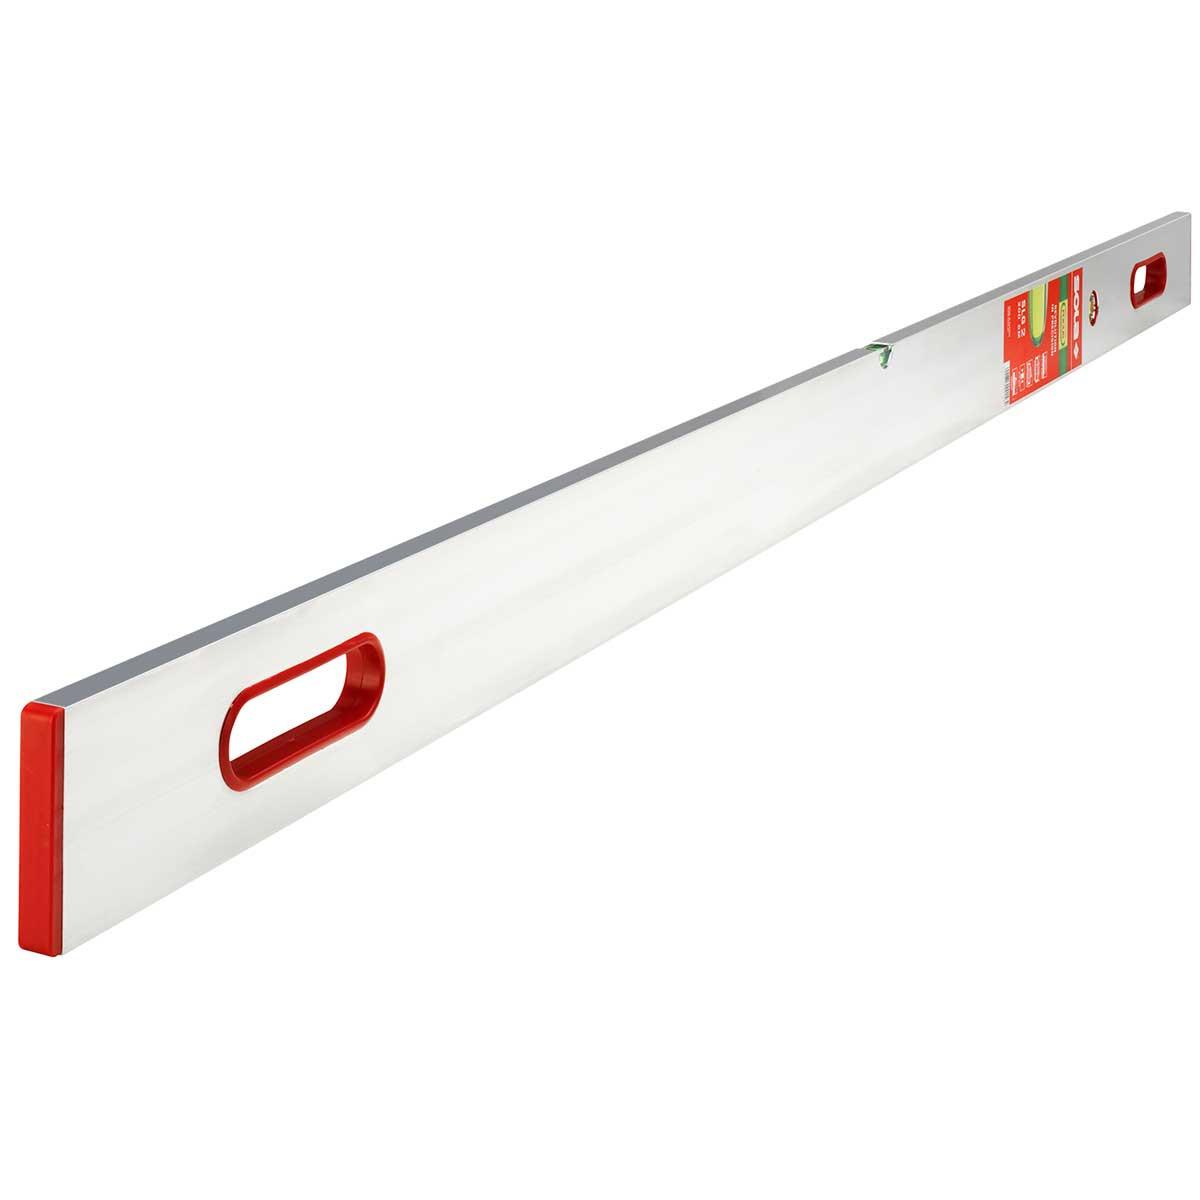 98 inch SLG2250 Sola Aluminum Screeding Level